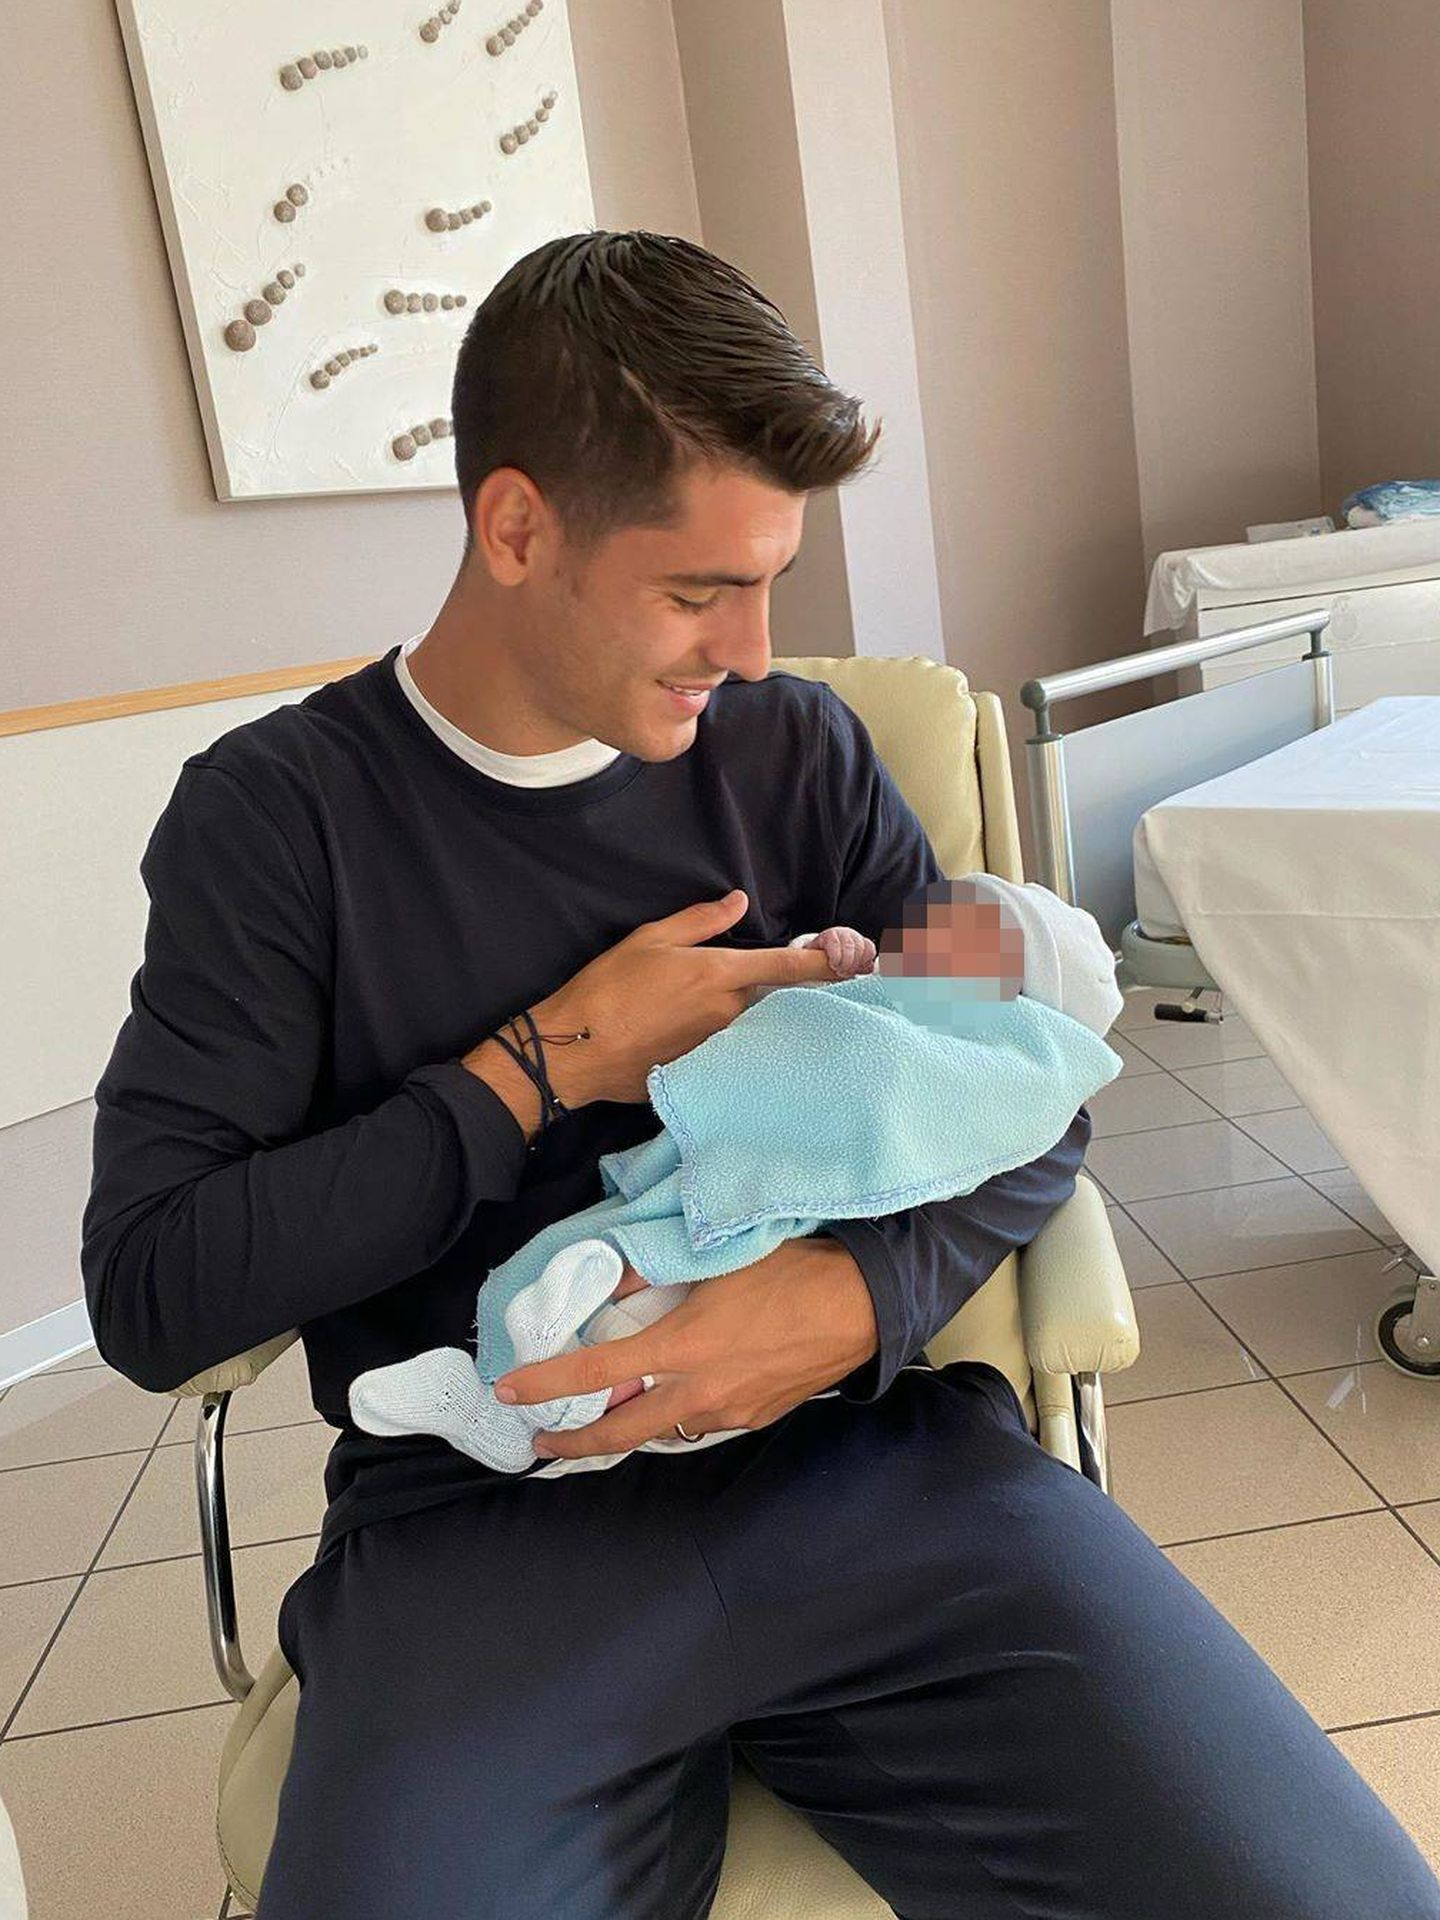 Álvaro Morata y Alice Campello, padres de nuevo. (Instagram @alvaromorata)